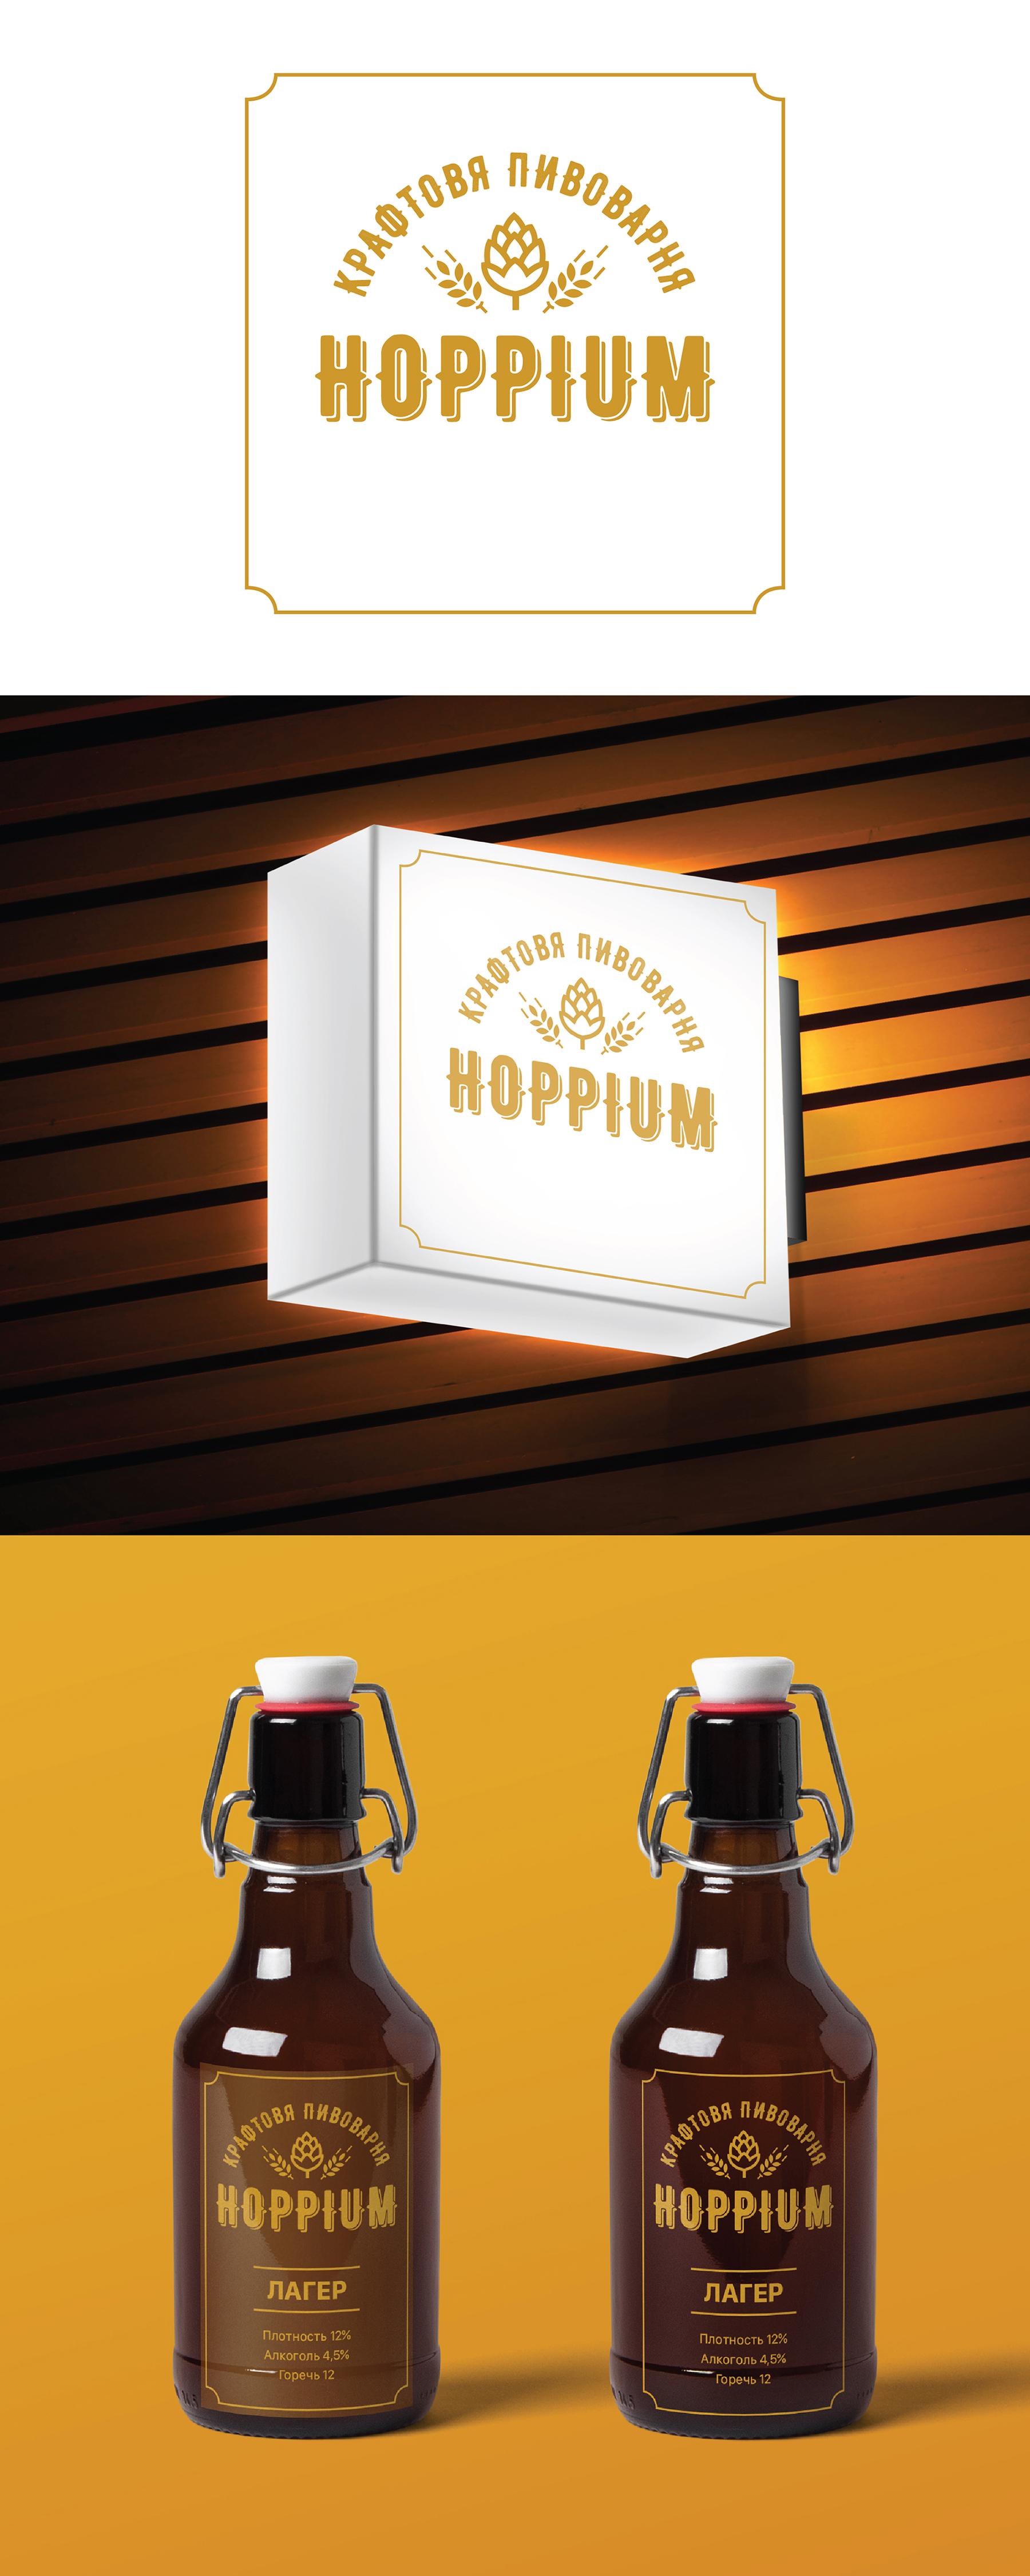 Hoppium